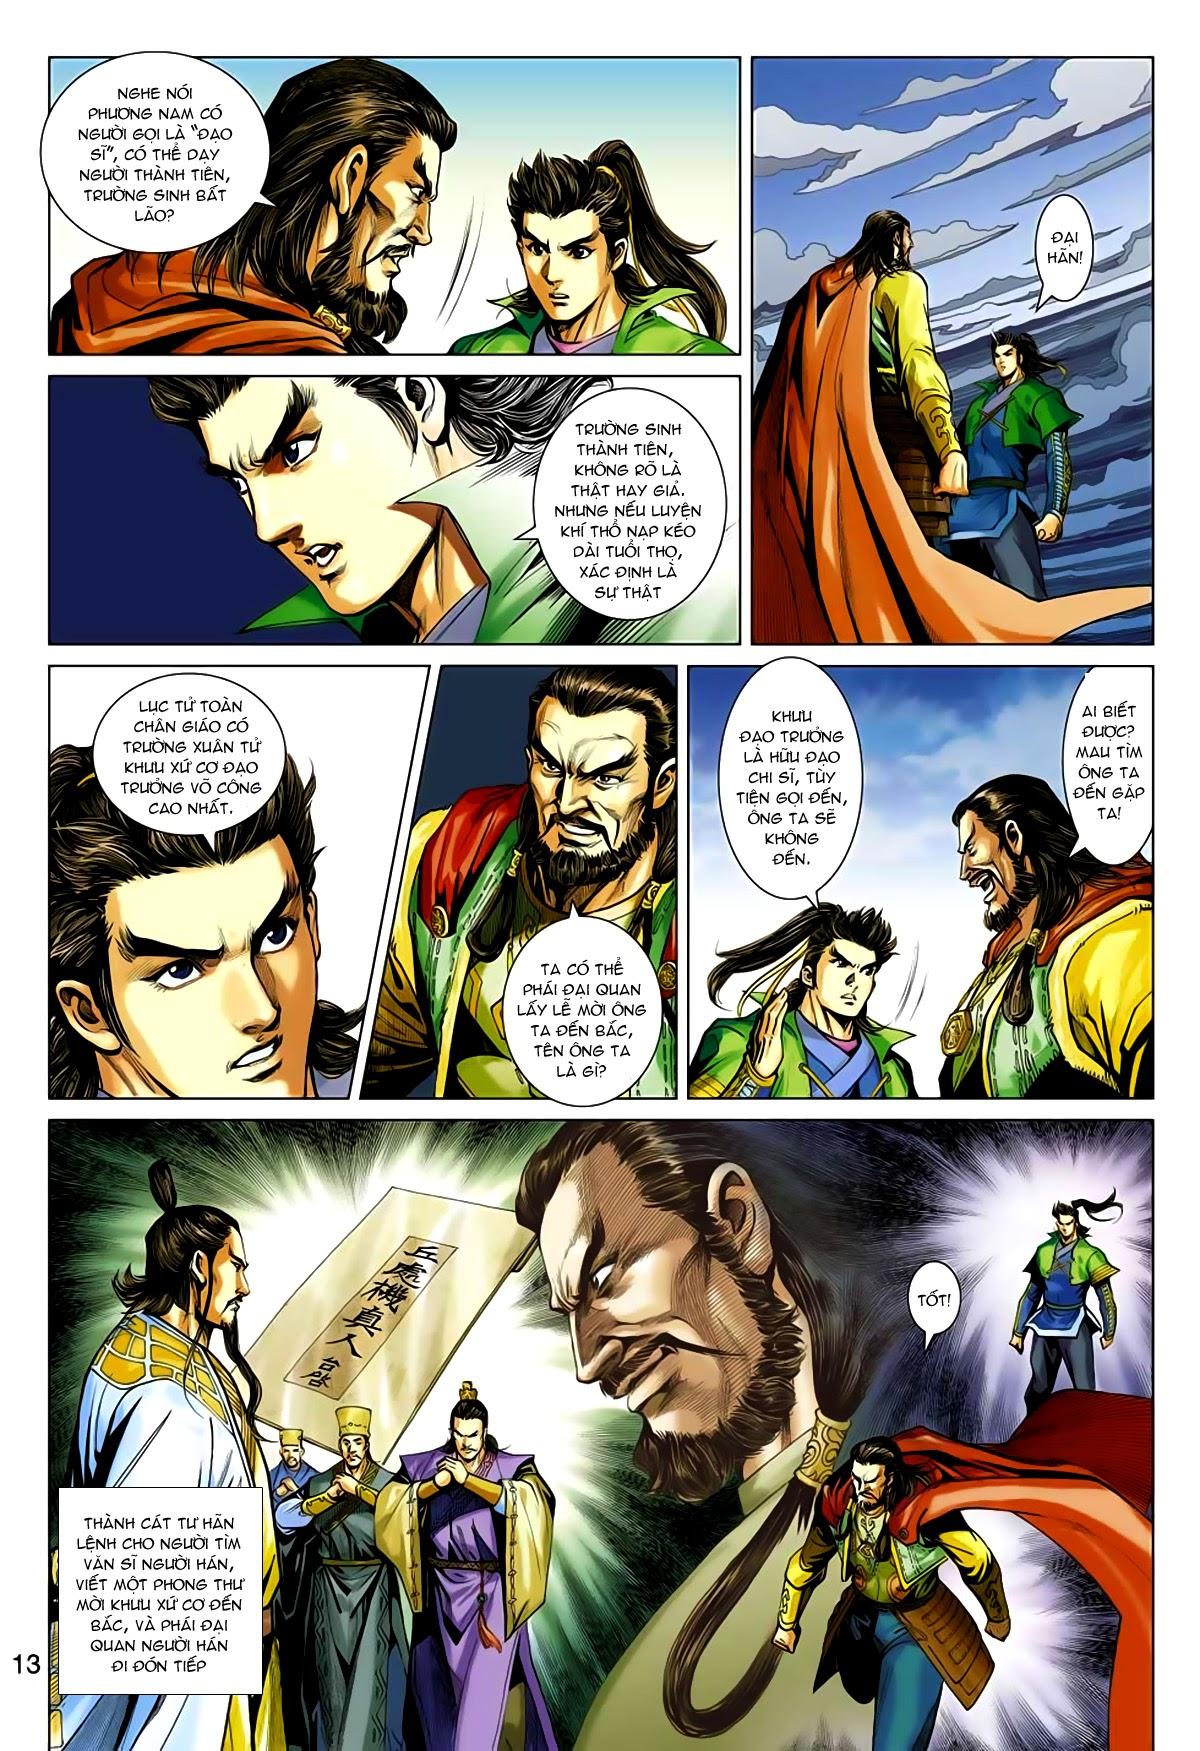 xem truyen moi - Anh Hùng Xạ Điêu - Chapter 92: Huynh đệ tương tàn